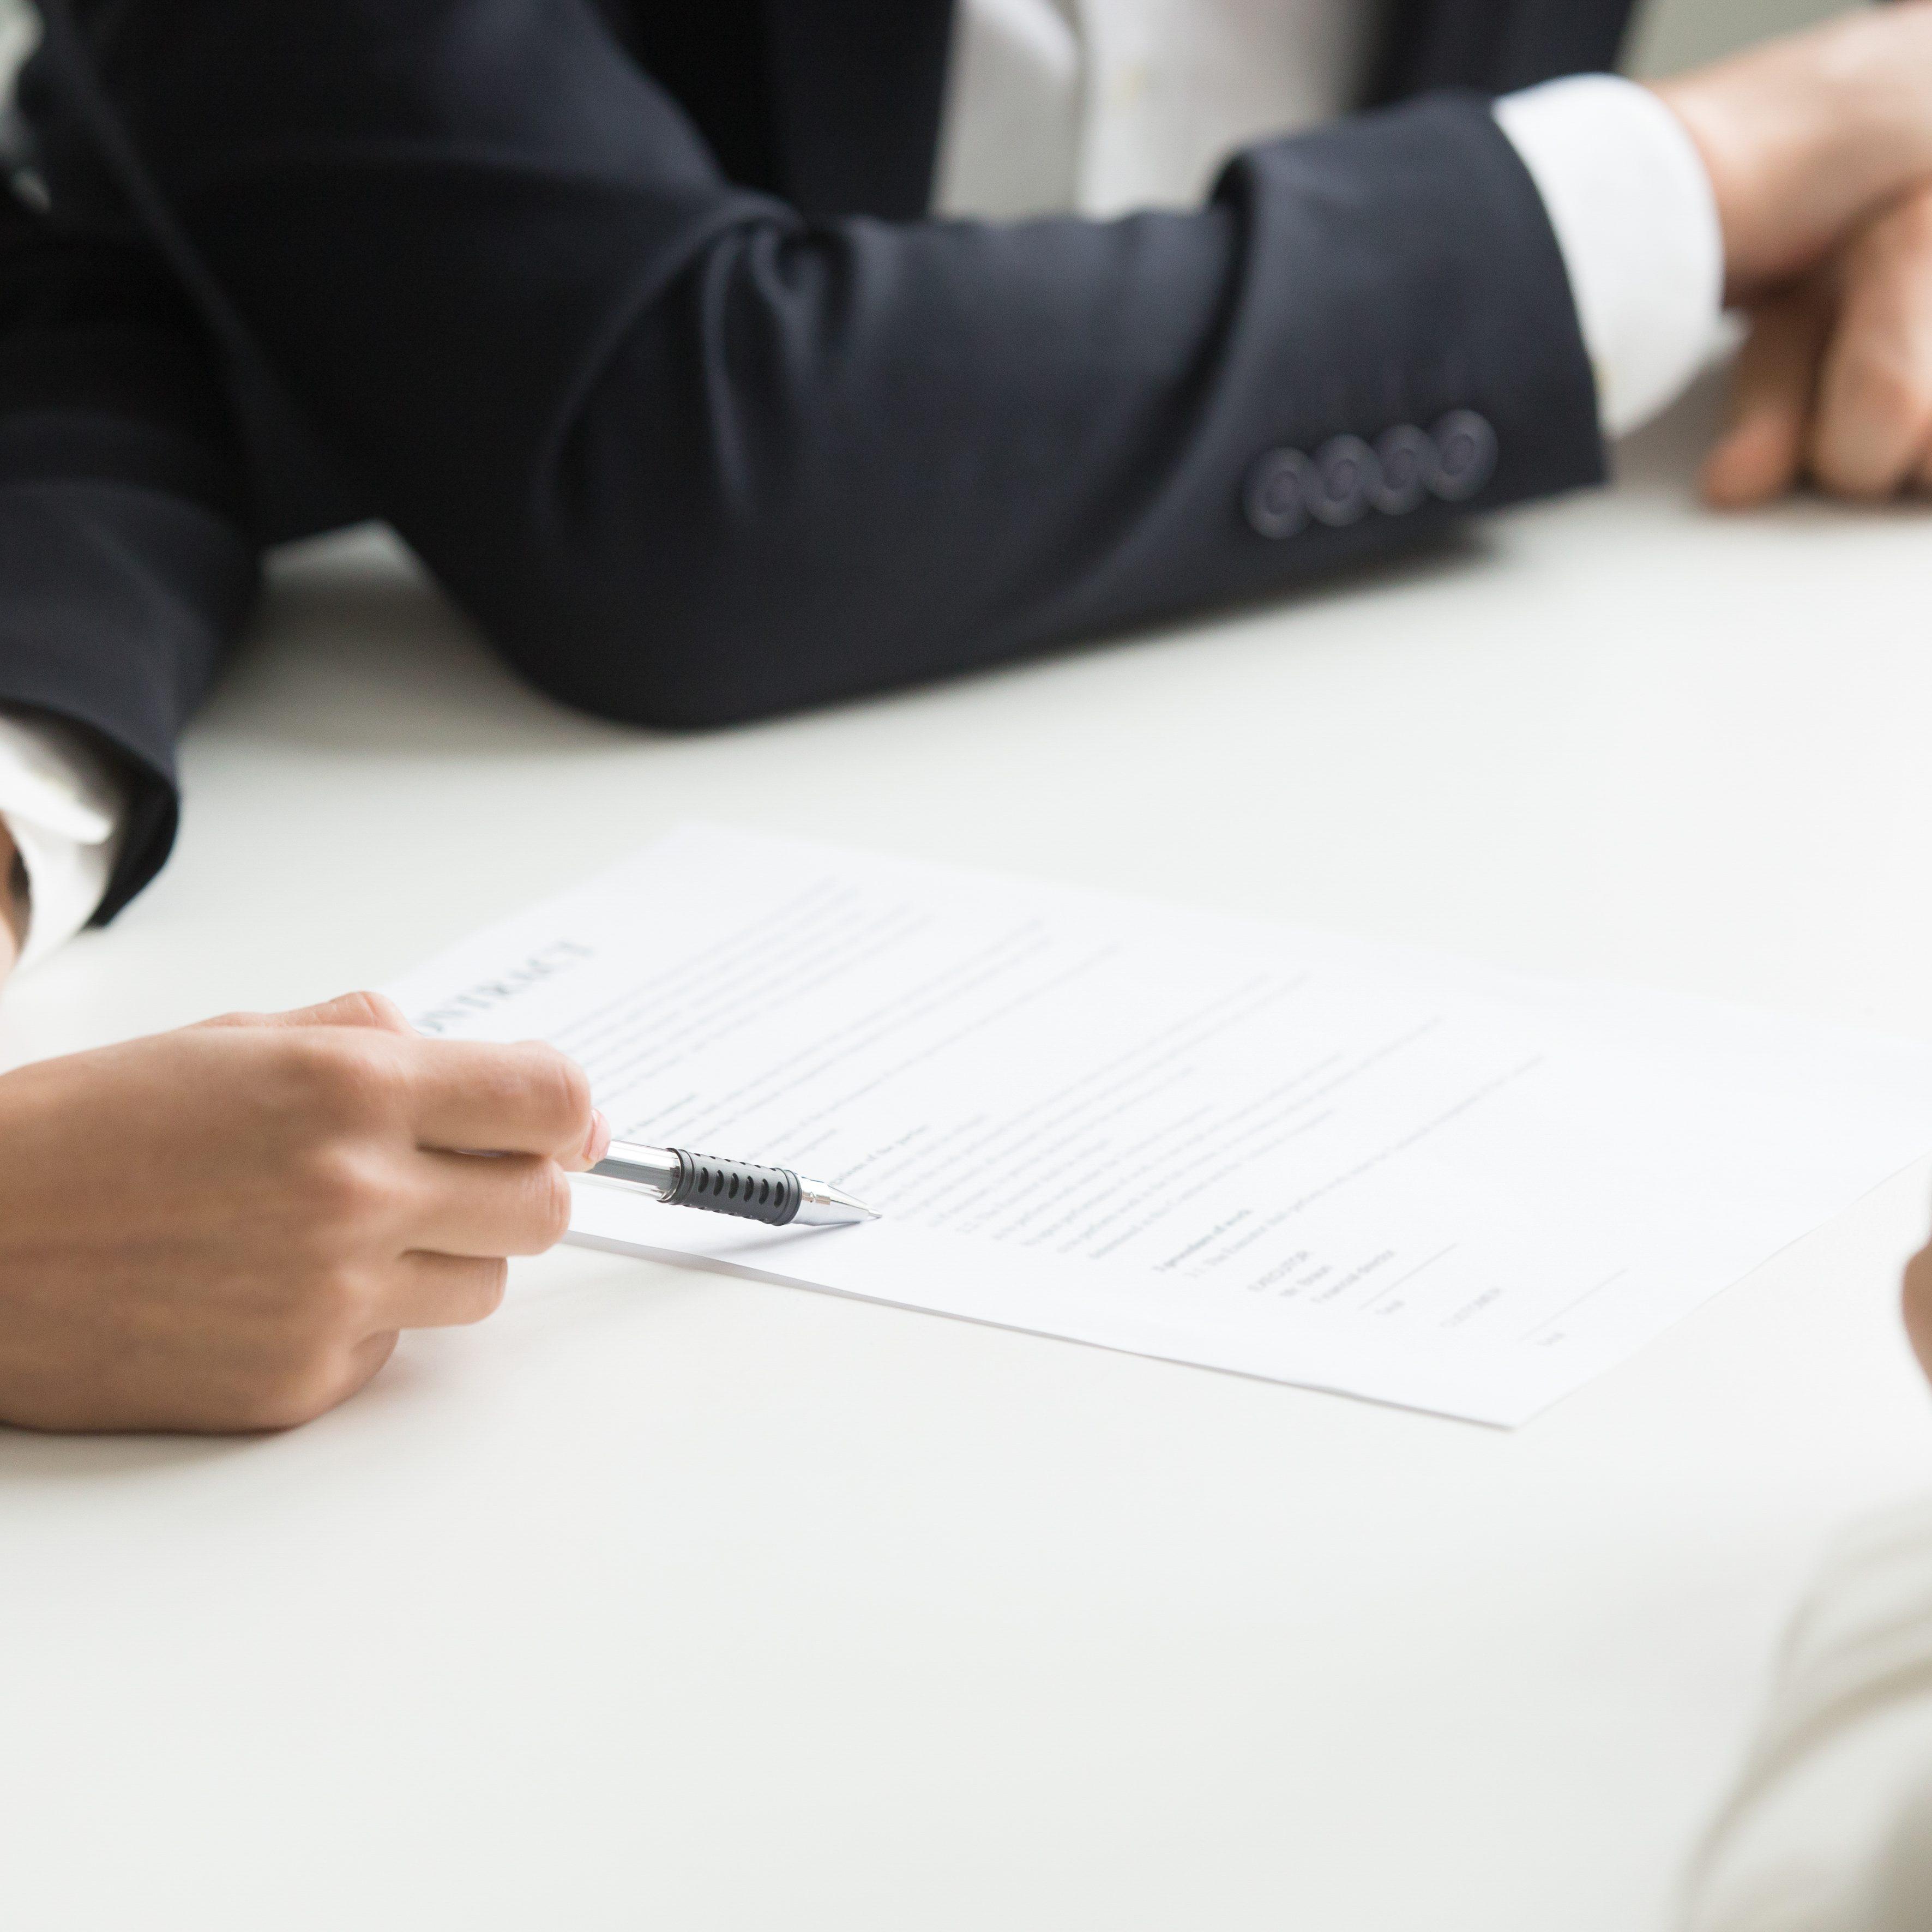 Casa de Crédito - Cuestionones sobre hipotecas